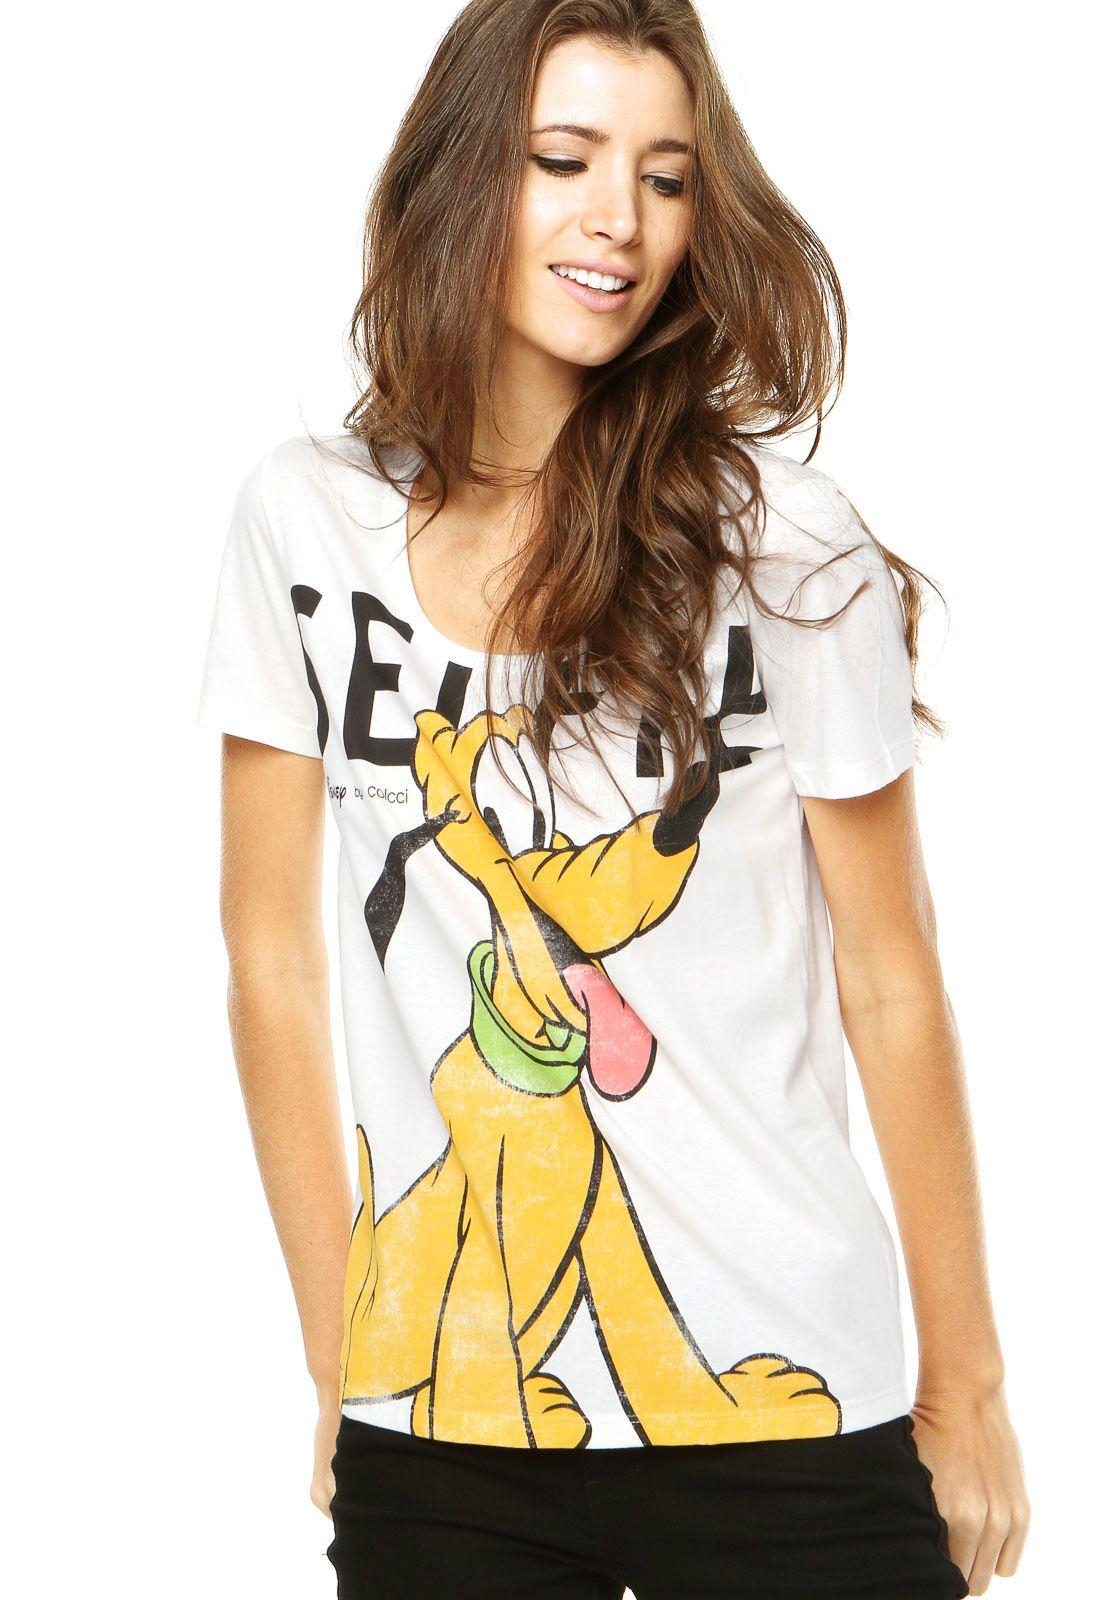 ac05d1c00 Camiseta Colcci Branca - Compre Agora | Dafiti Brasil